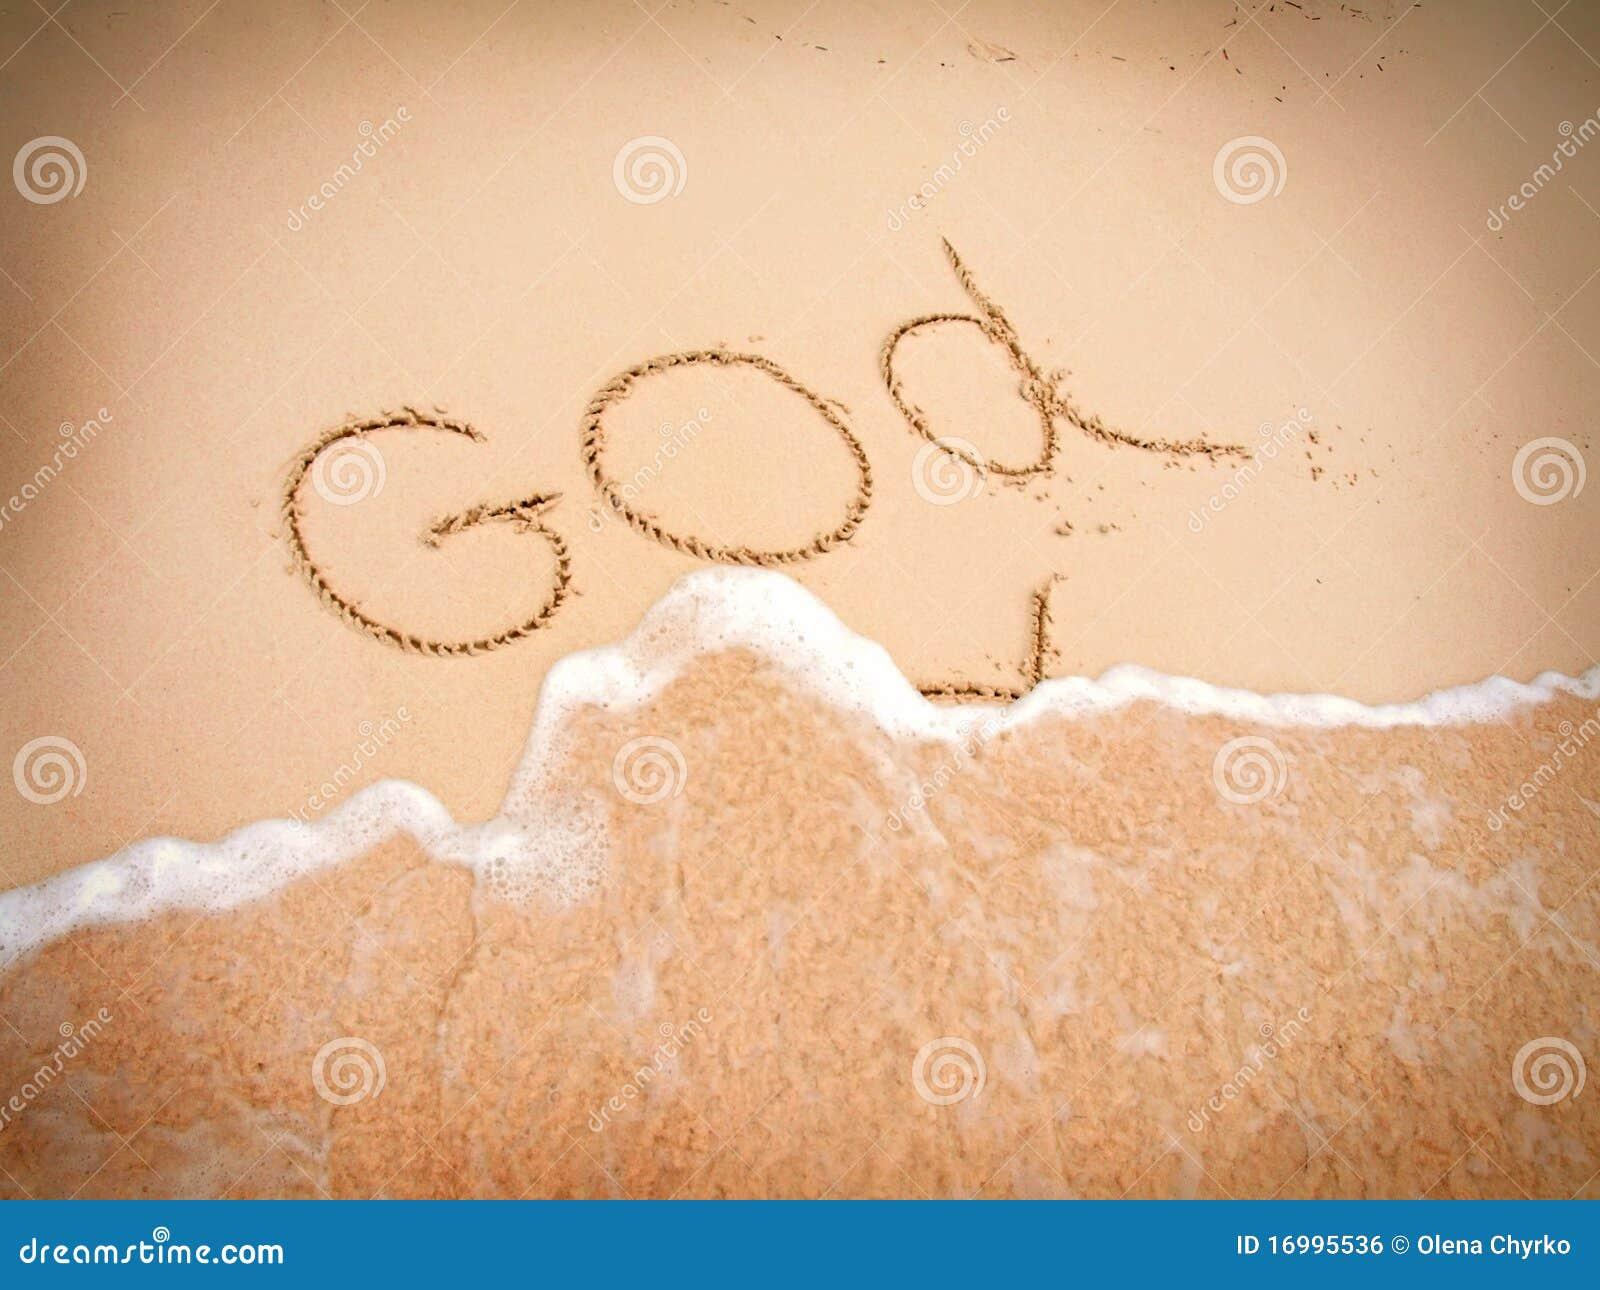 Der Beschreibung Gott